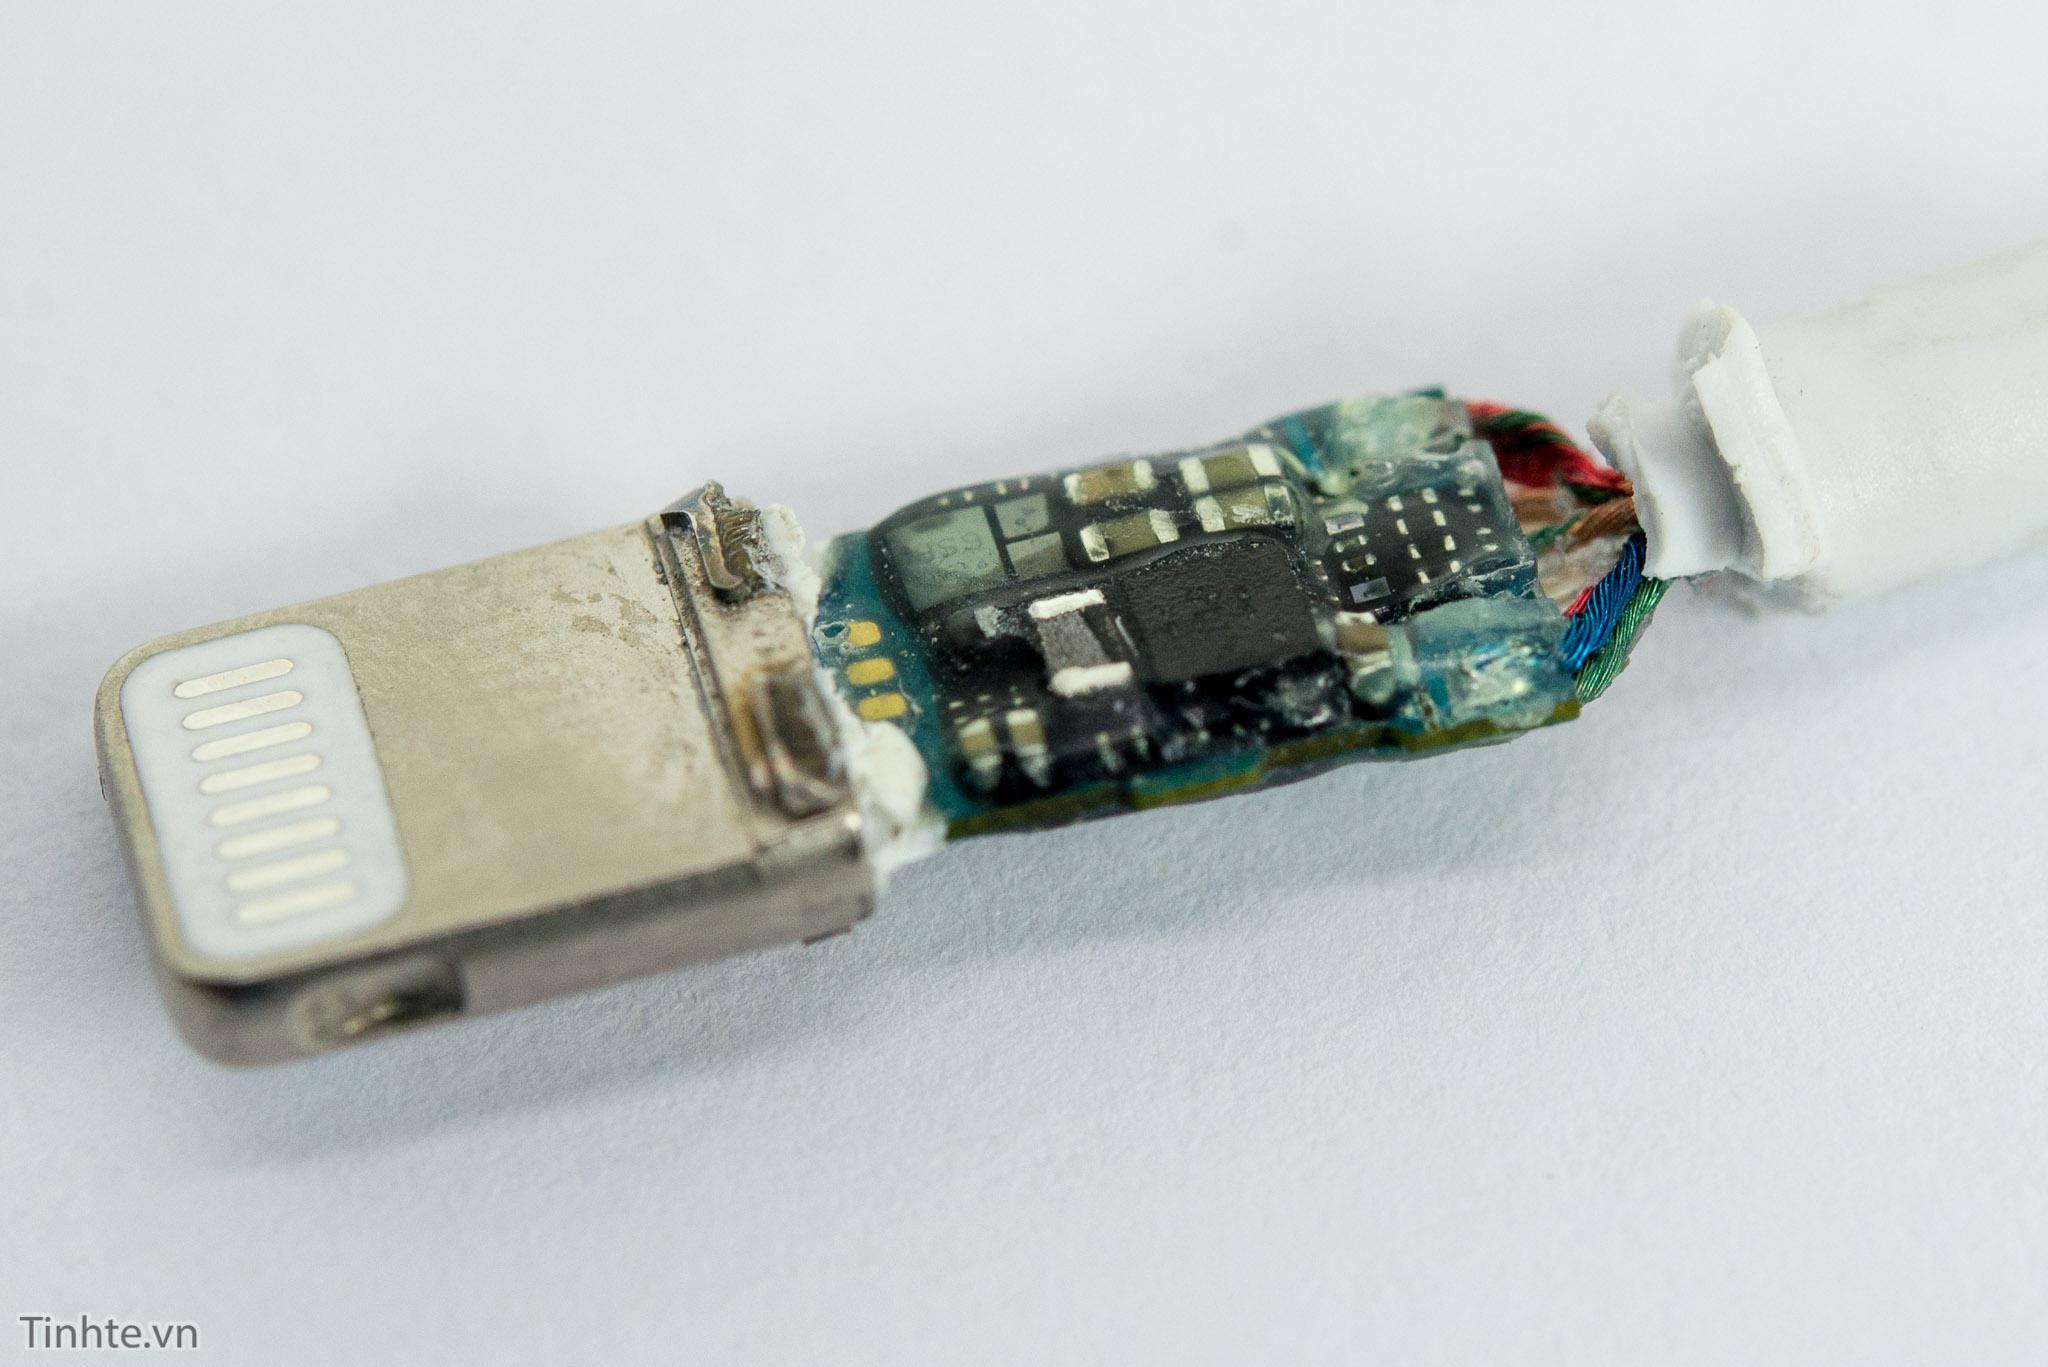 Desmonte do adaptador Lightning para 3,5 milímetros